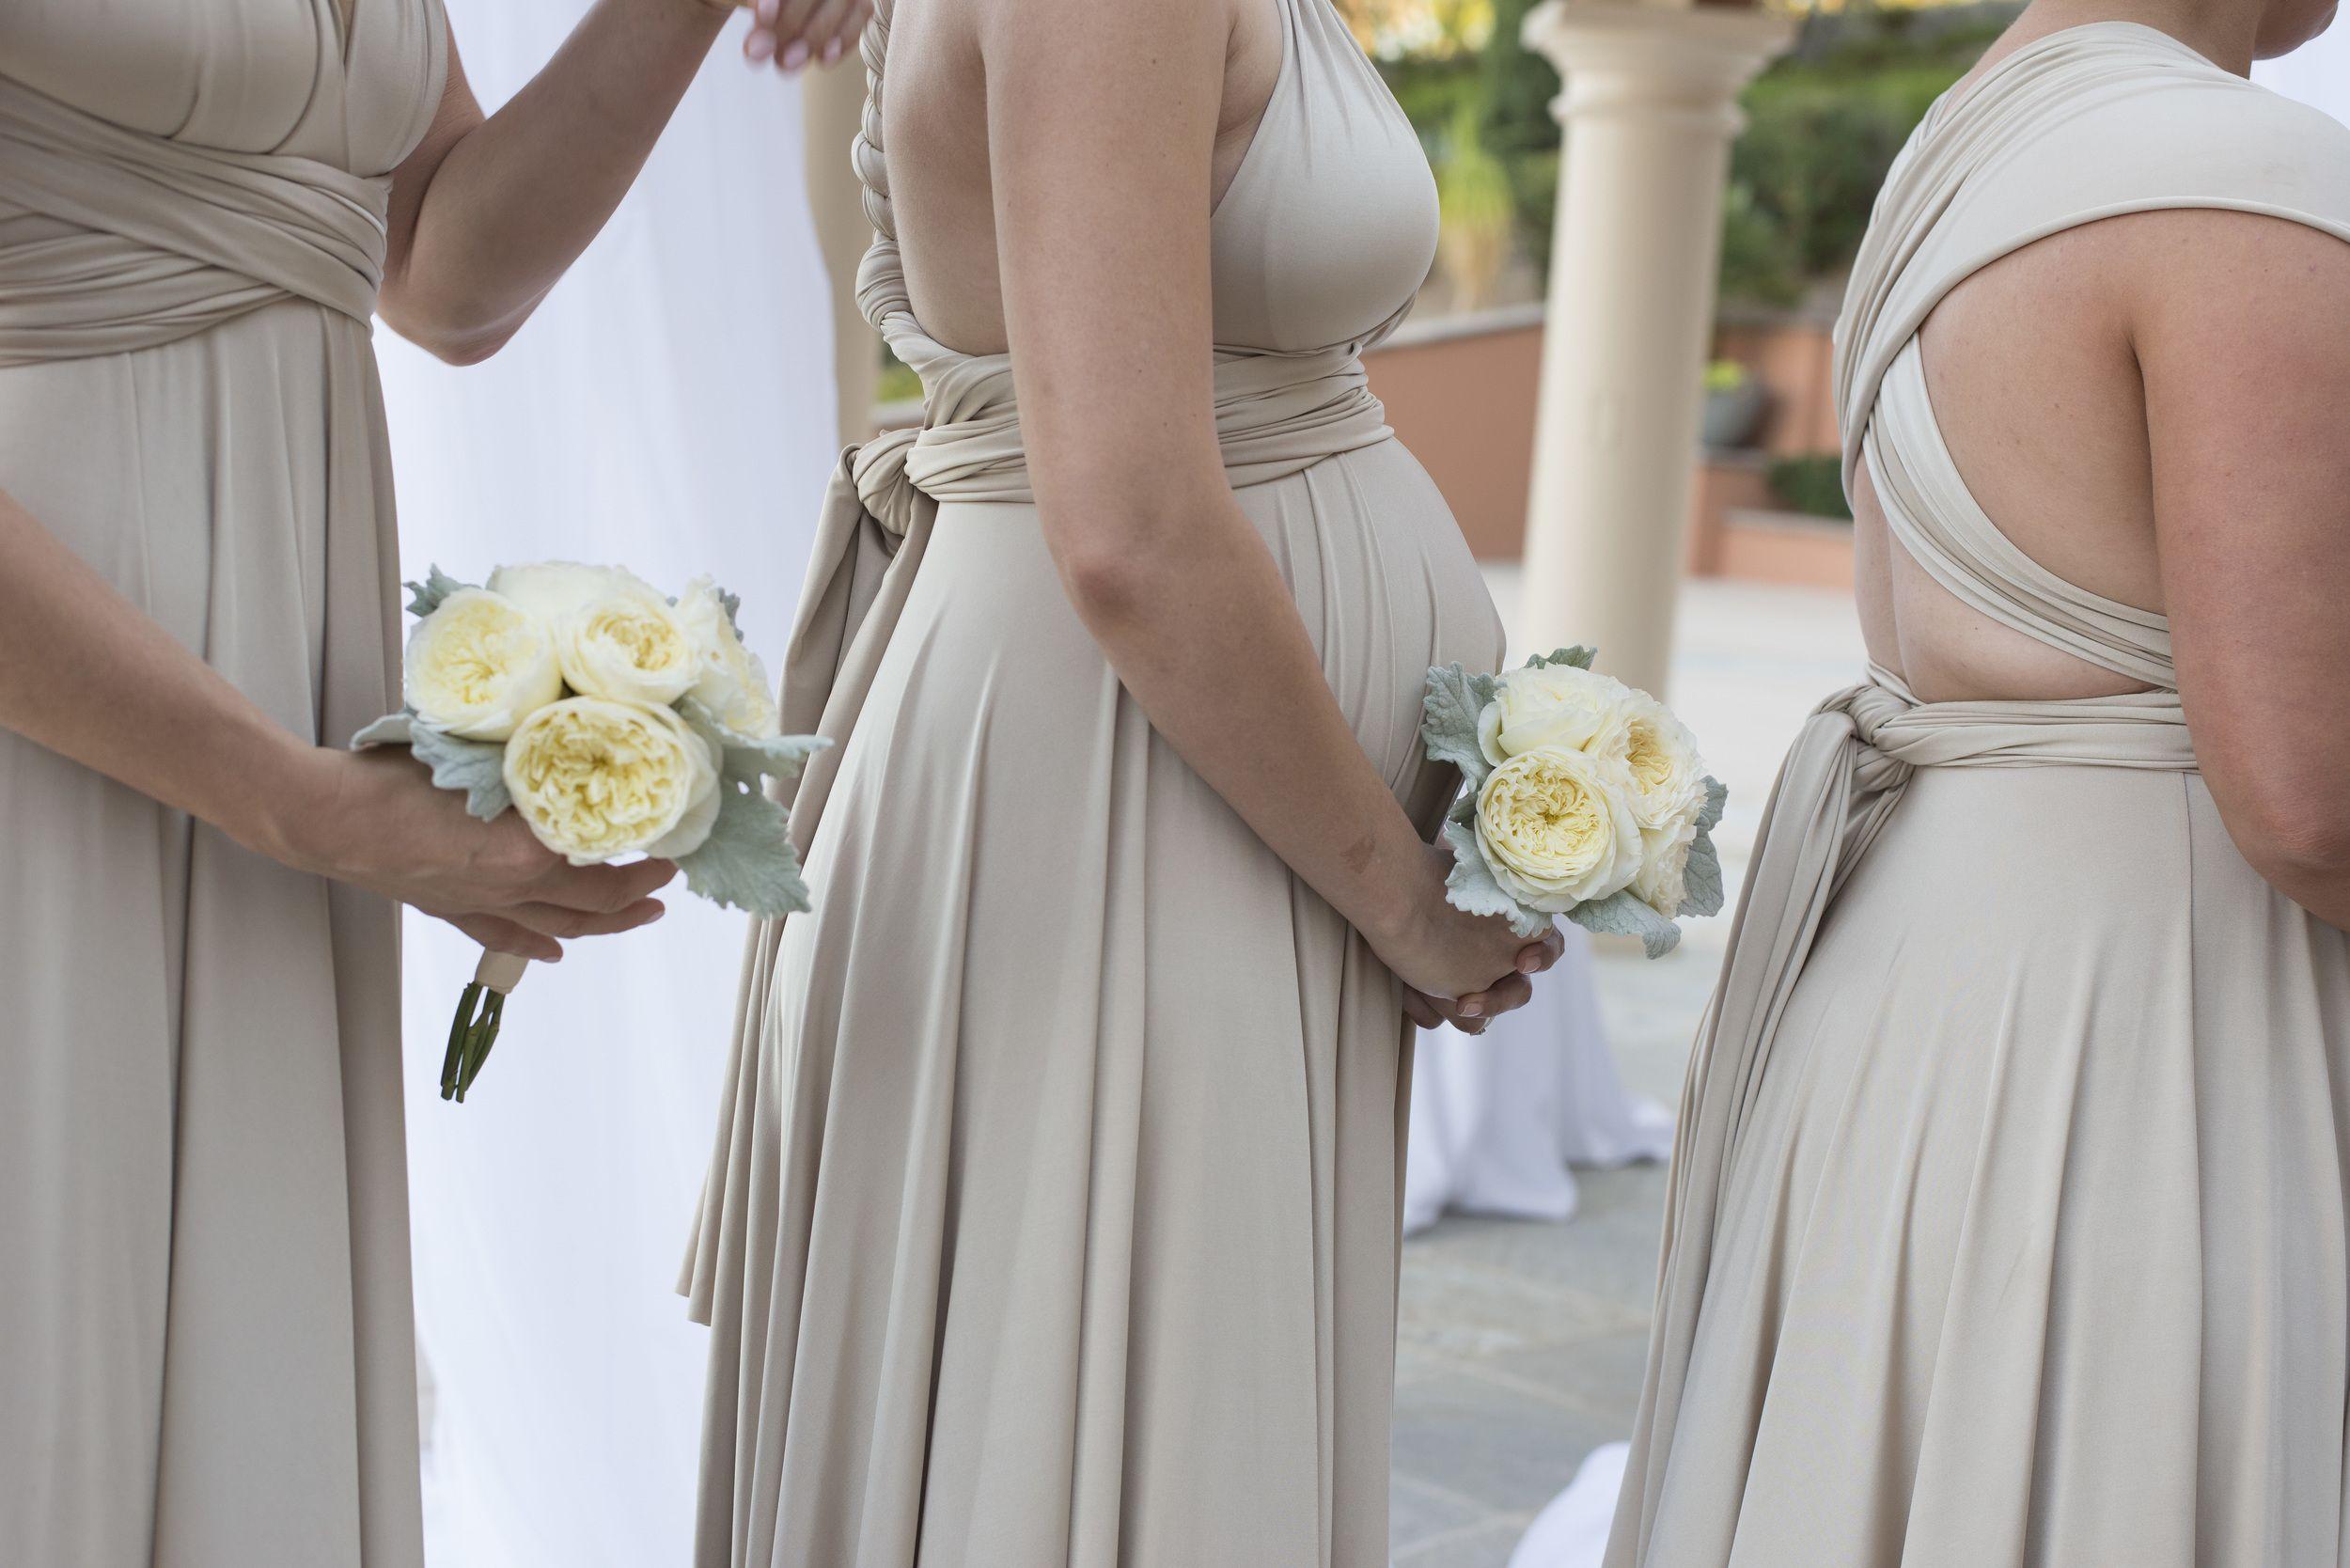 Baby Bump Bridesmaid Las Vegas Destination Wedding Image By Altf